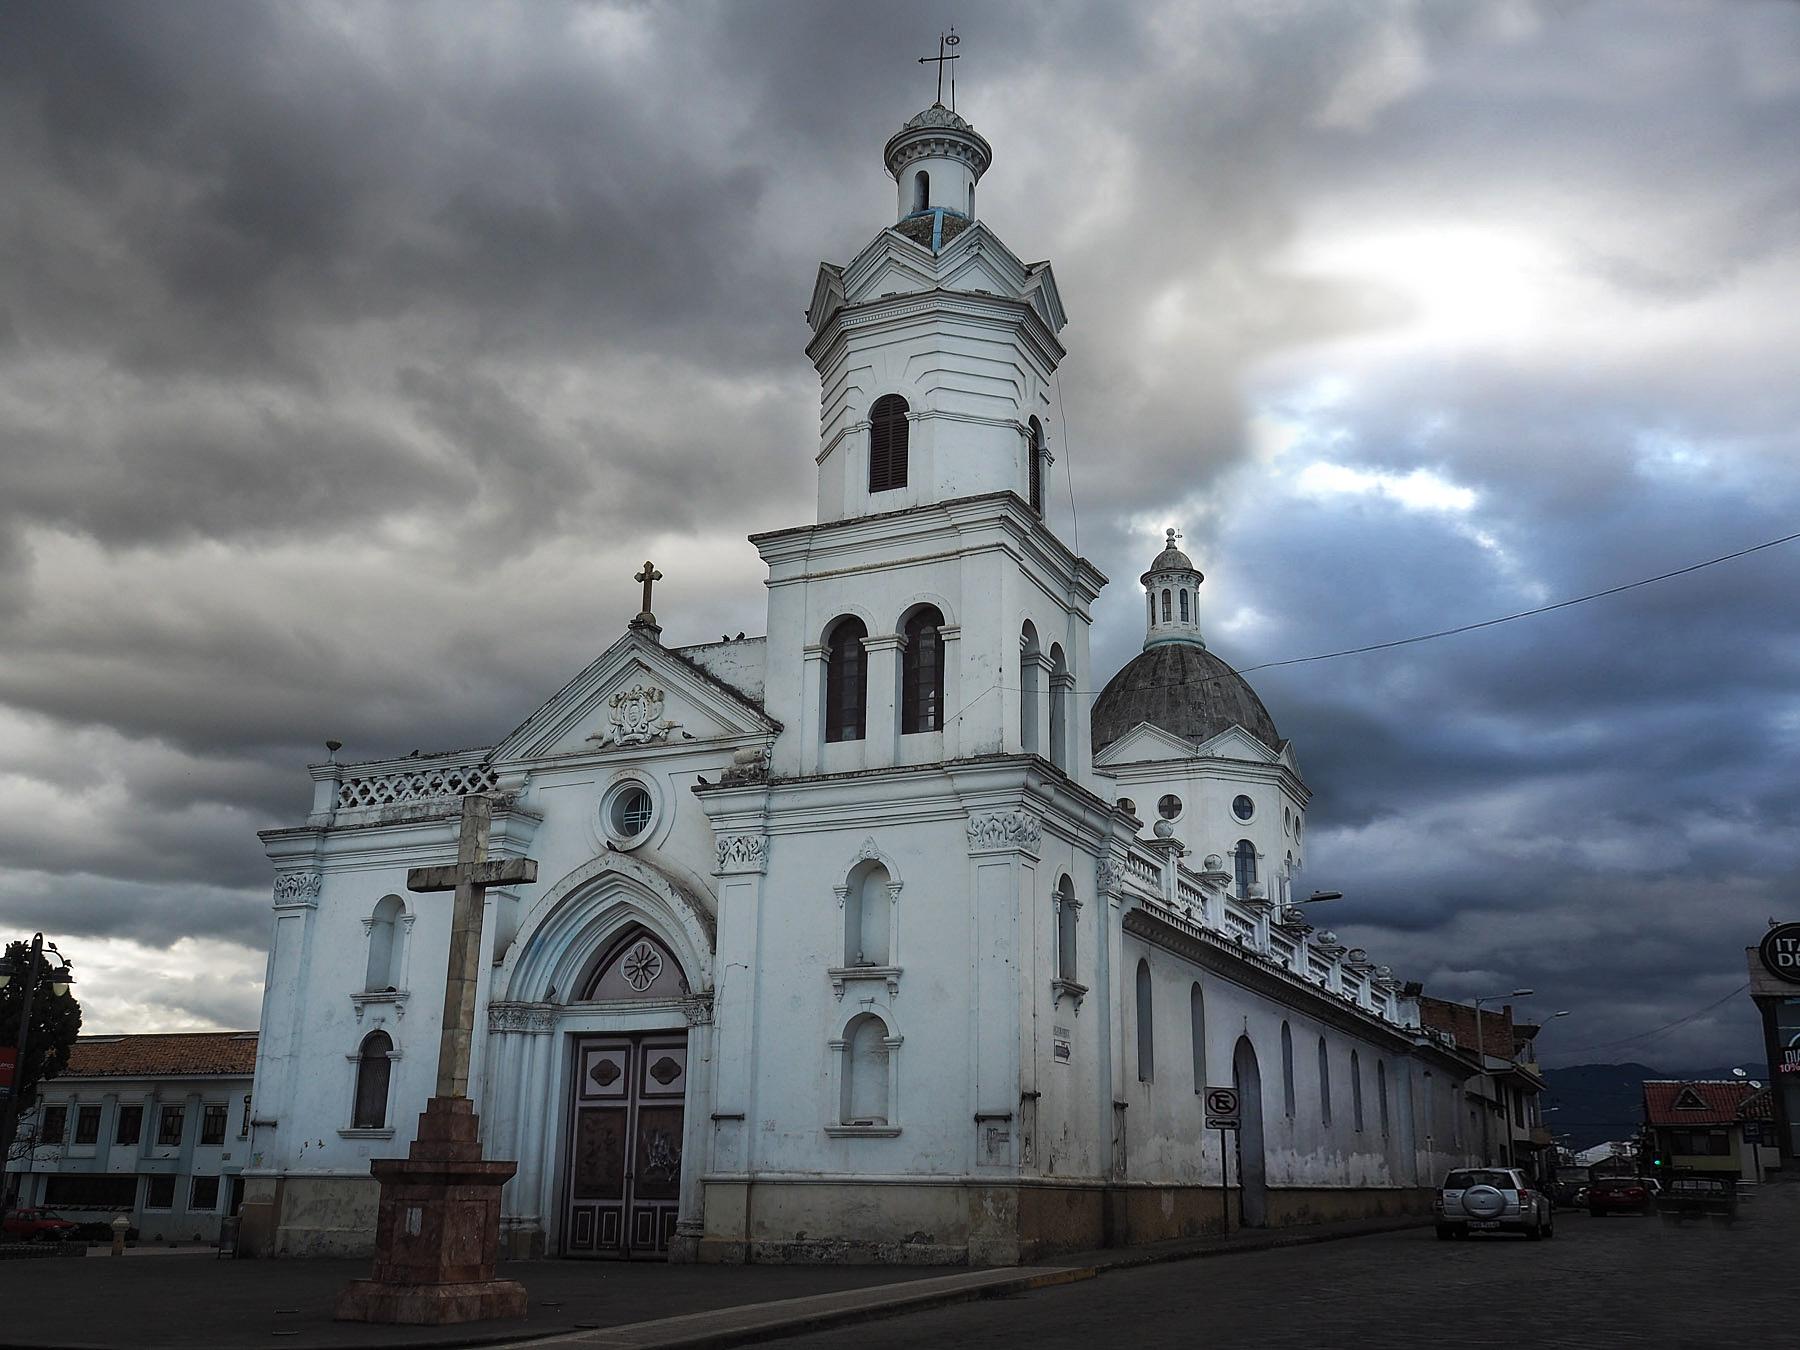 Gewitterstimmung über der alten Kathedrale